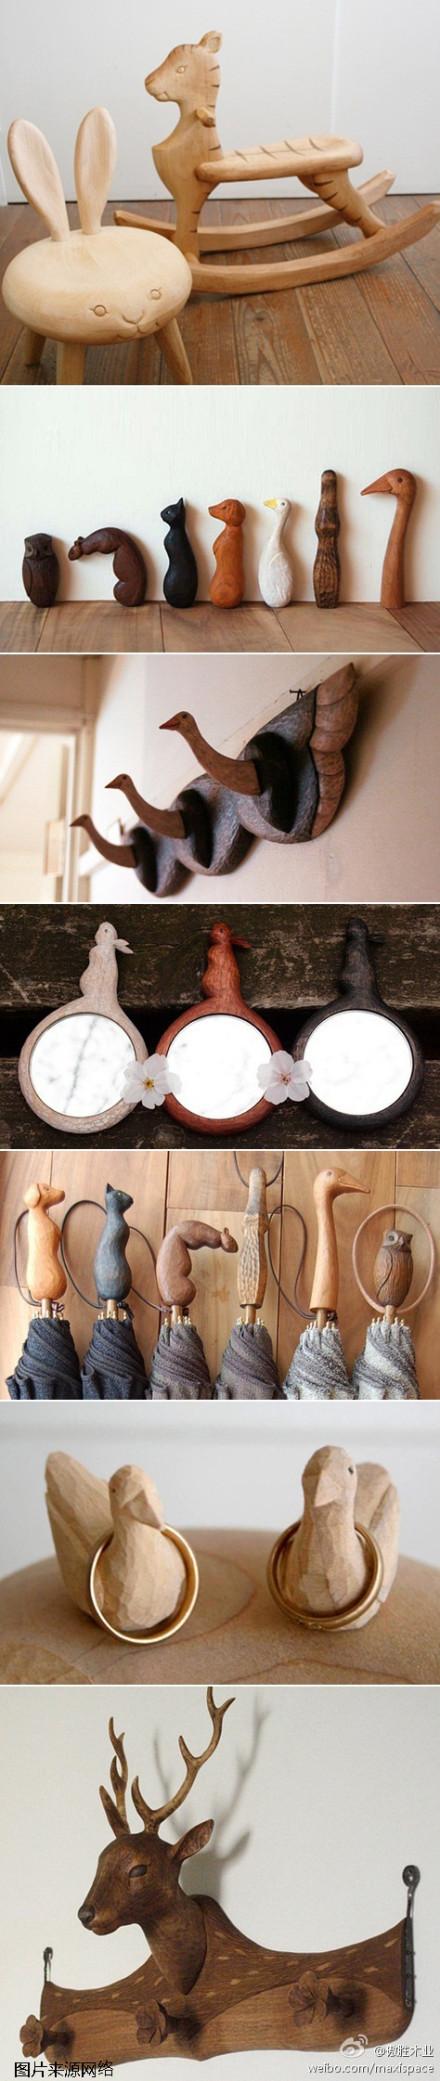 傲胜木业:#傲•享生活#如果你是个爱卖萌的朋友,那么日本艺术家若野忍的作品是否可以打动你呢?惟妙惟肖的木雕作品,兔子、松鼠、鸭子等各种森系小可爱,一个个化身成为了居家的守护神。各位,找到属于你们自己的萌物了吗?